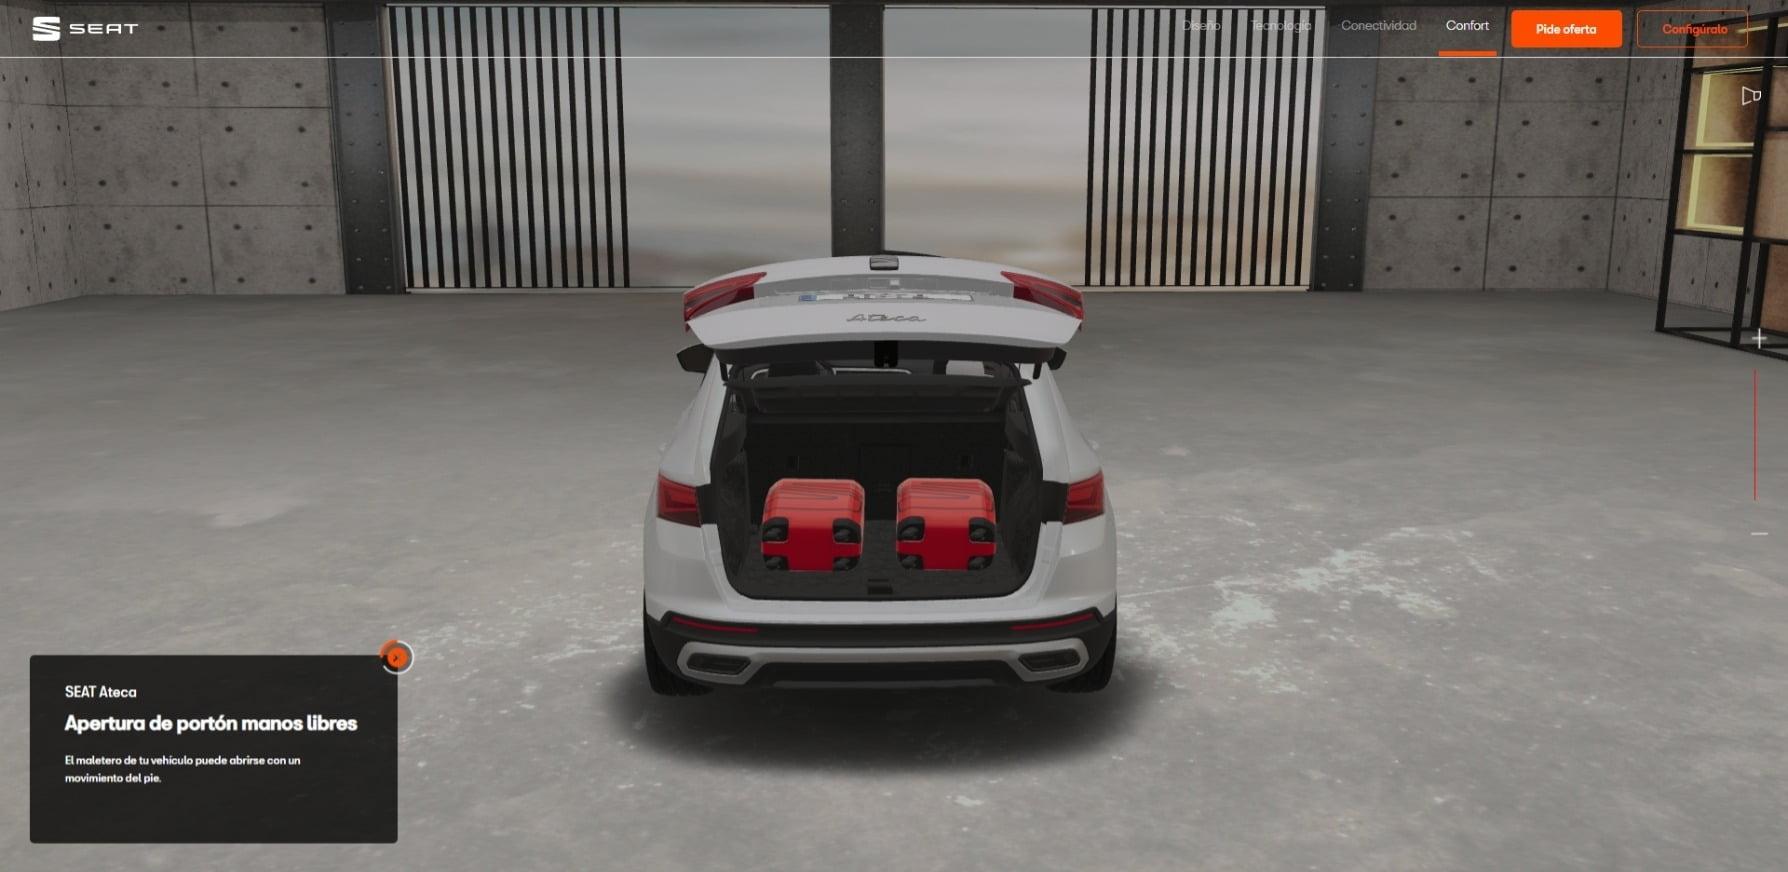 El nuevo SEAT Virtual Experience permite configurar el modelo deseado.